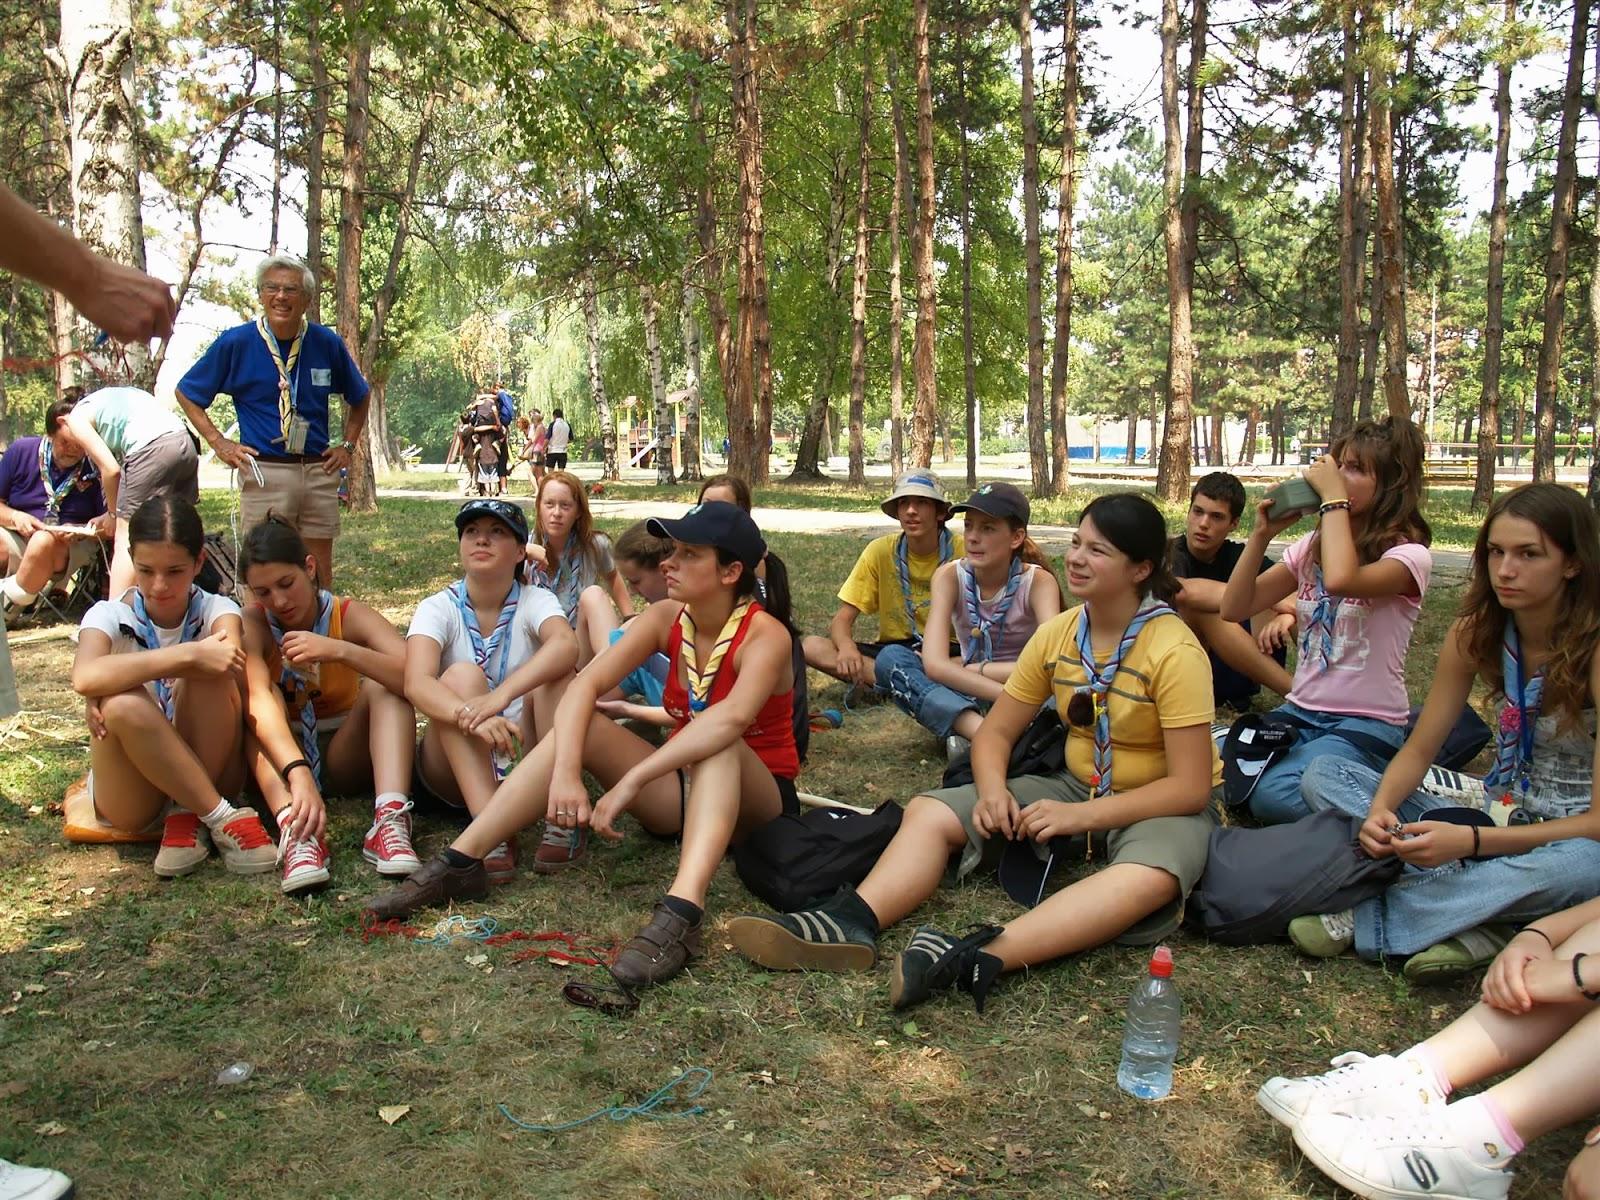 Smotra, Smotra 2006 - P0251882.JPG